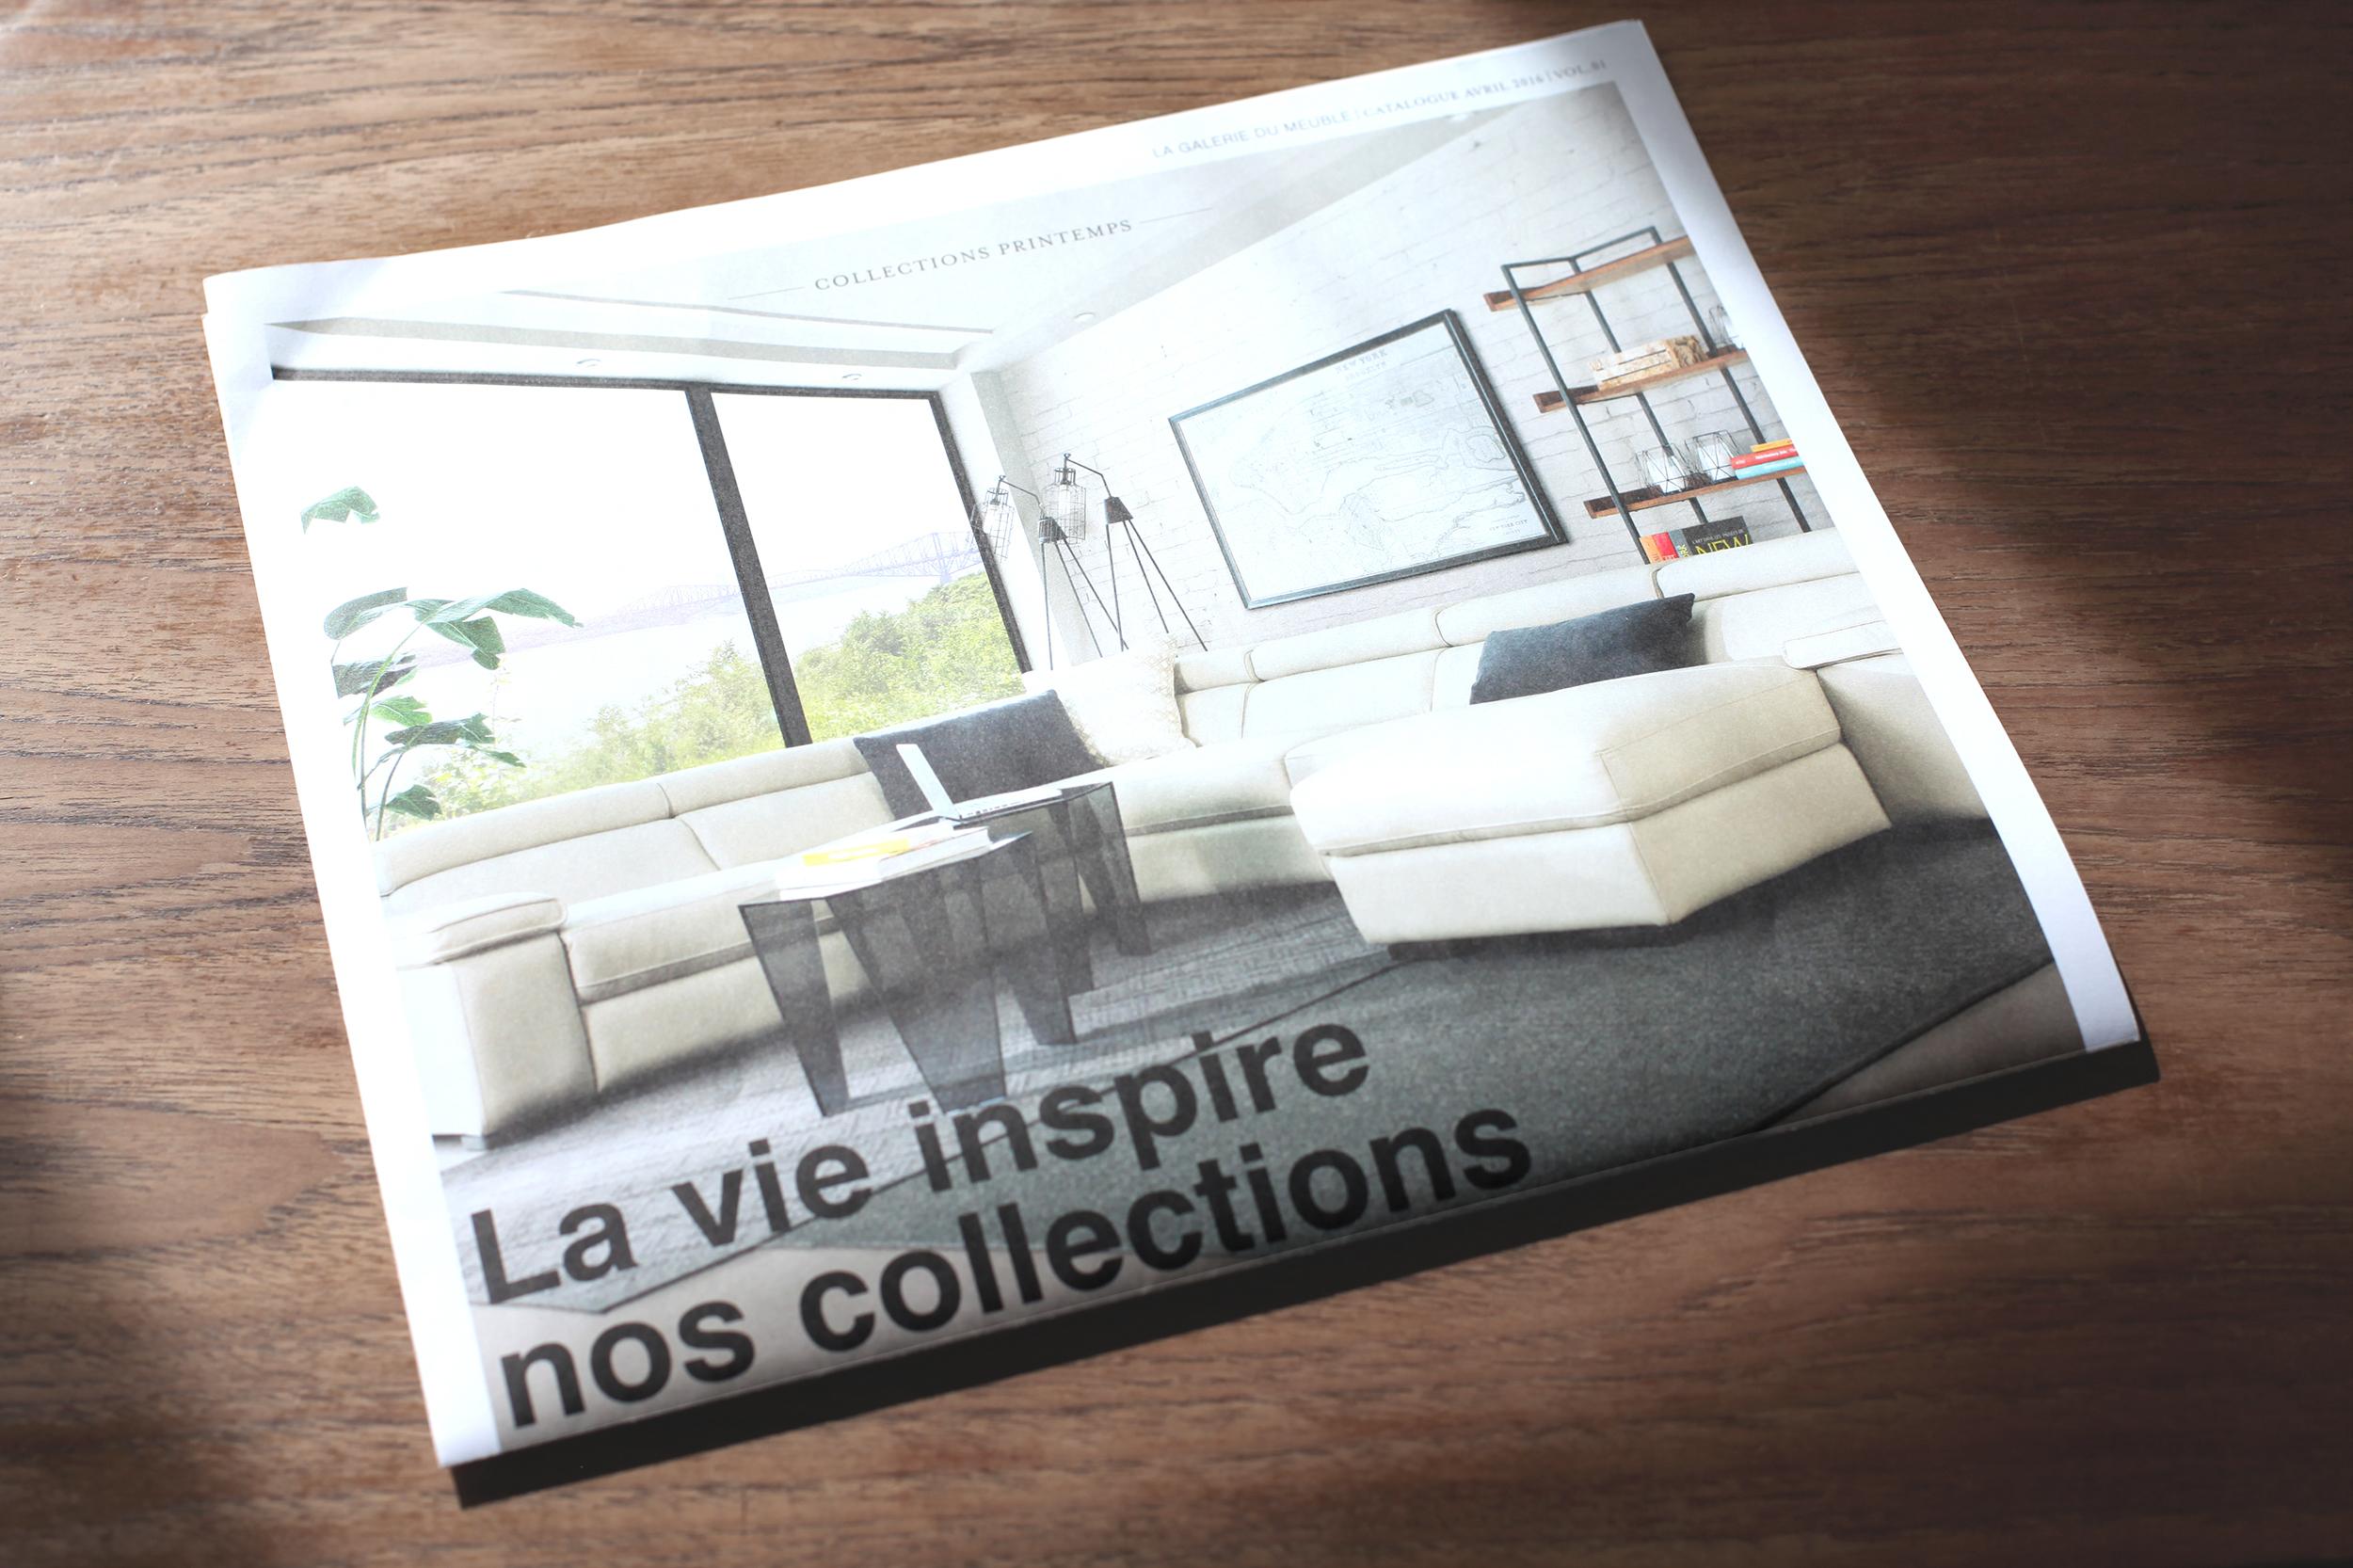 catalogue_vol_1_web.jpg